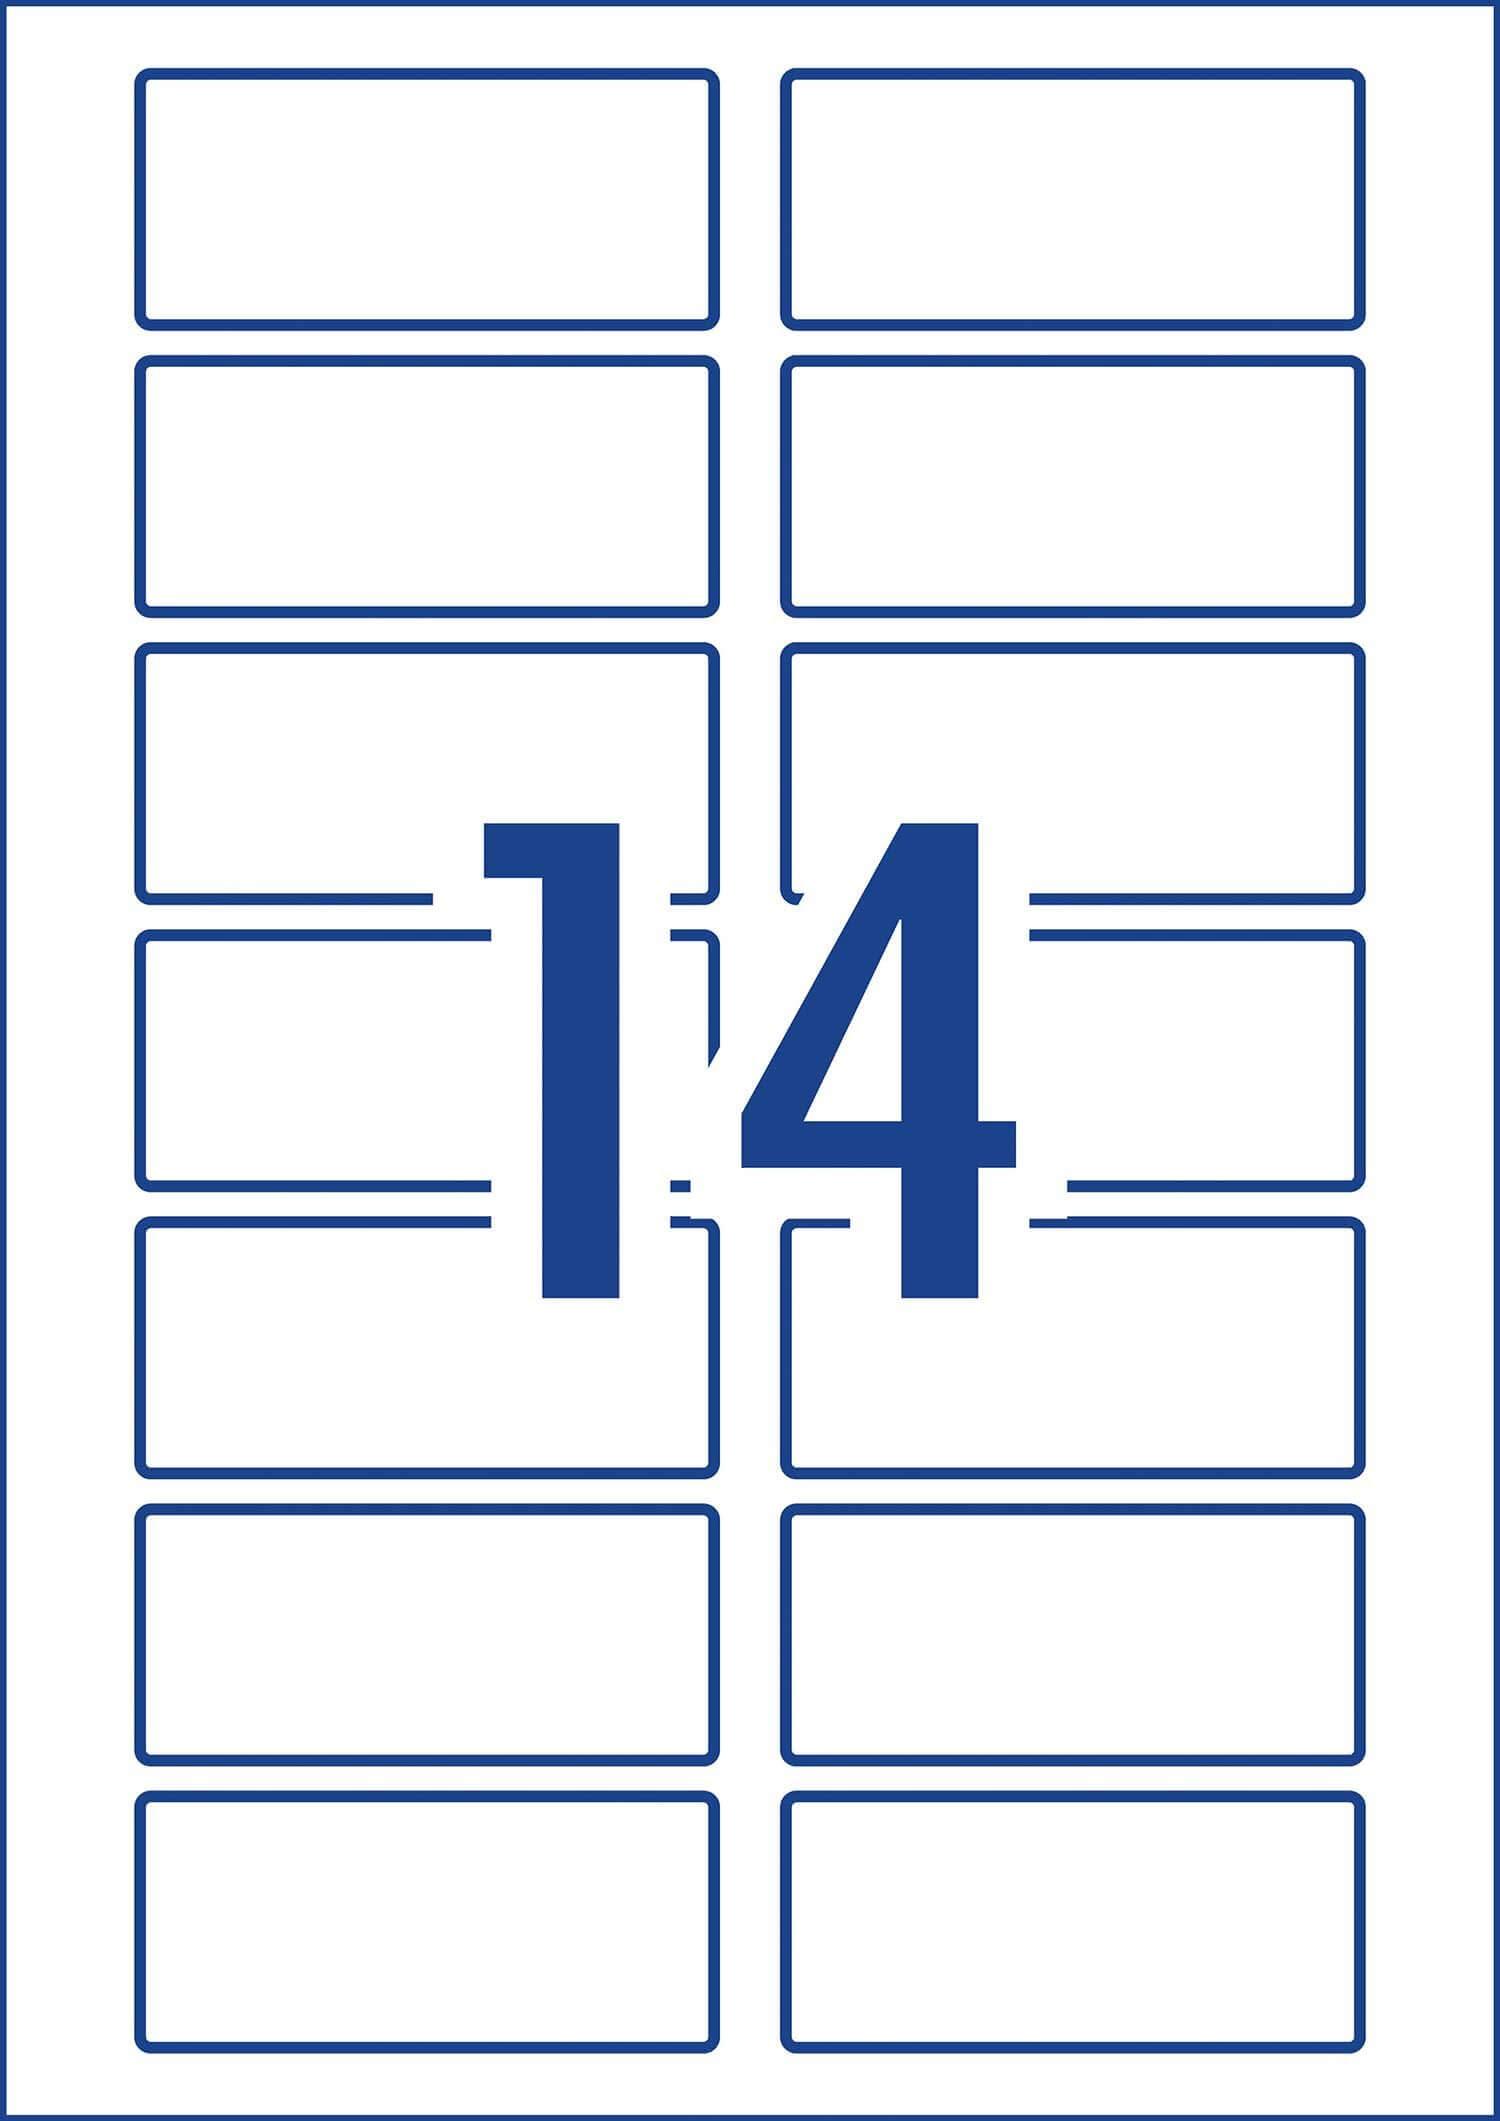 Word Label Template 8 Per Sheet A4 – Prahu inside Word Label Template 8 Per Sheet